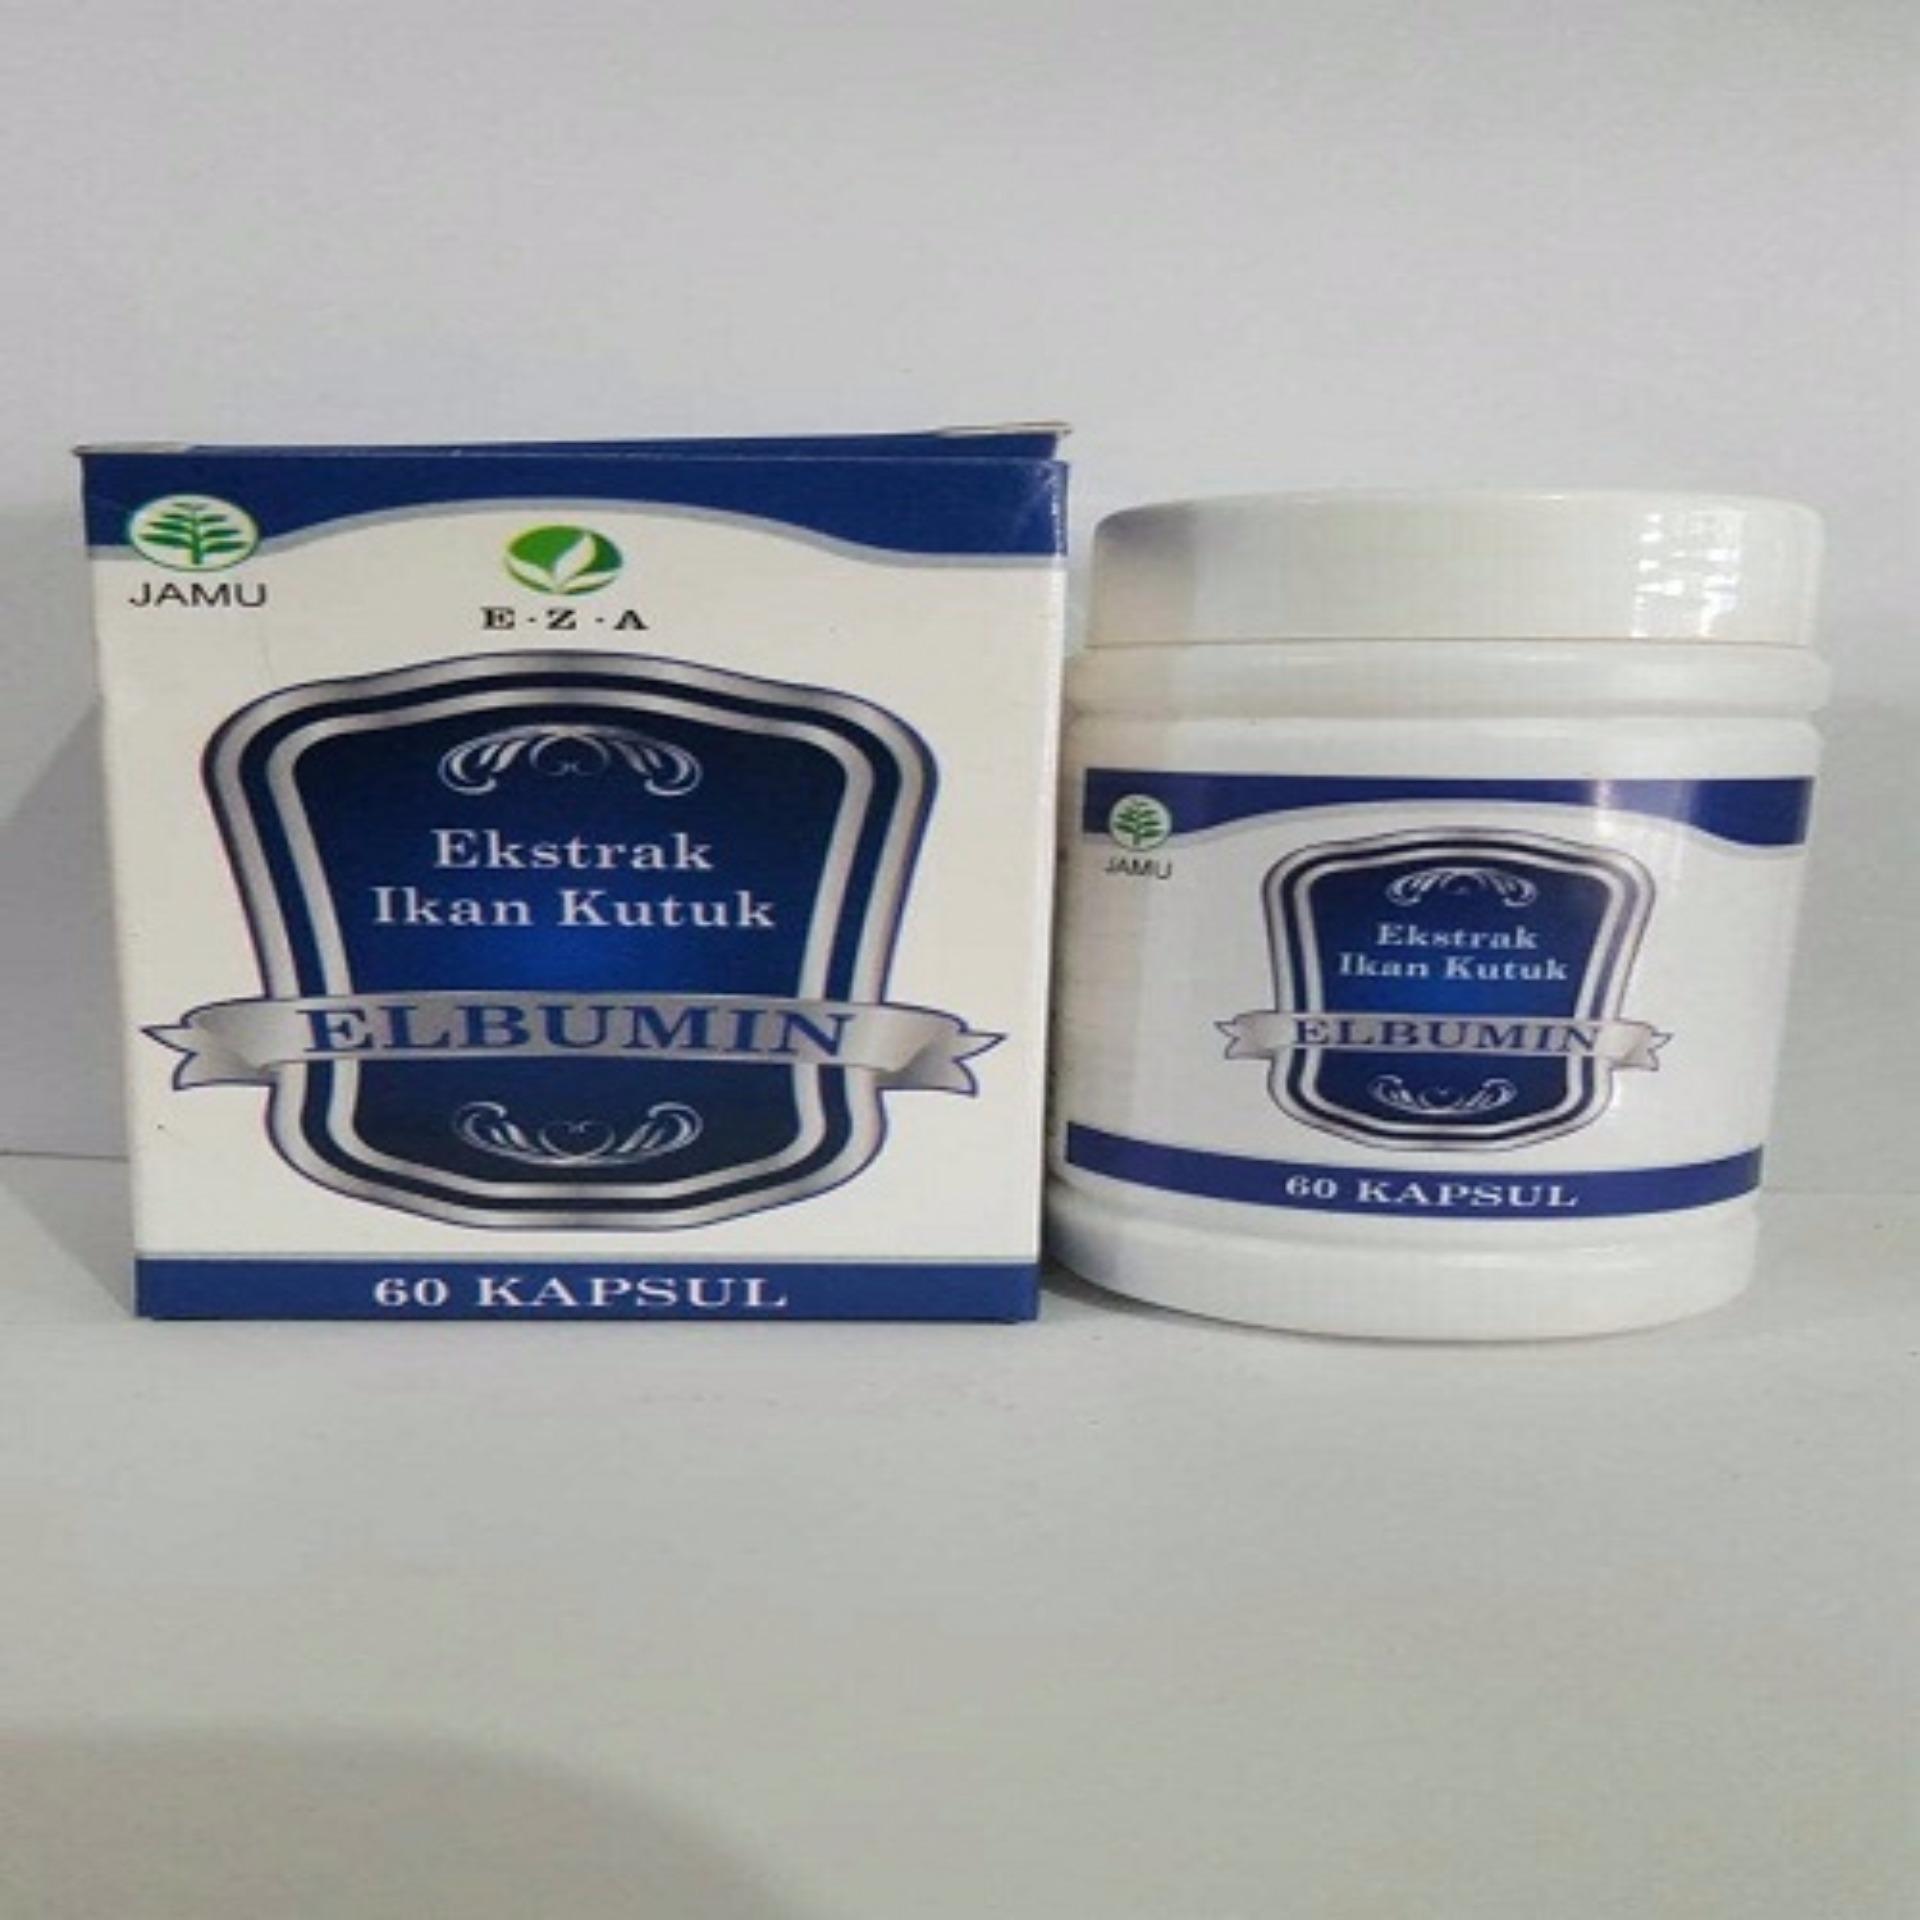 Nasa Obat Herbal Diabetes Melitus Kapsul Ekstrak Yakon Daftar Temulawak Super Duper Grade A Organik Elbumin Ikan Kutuk